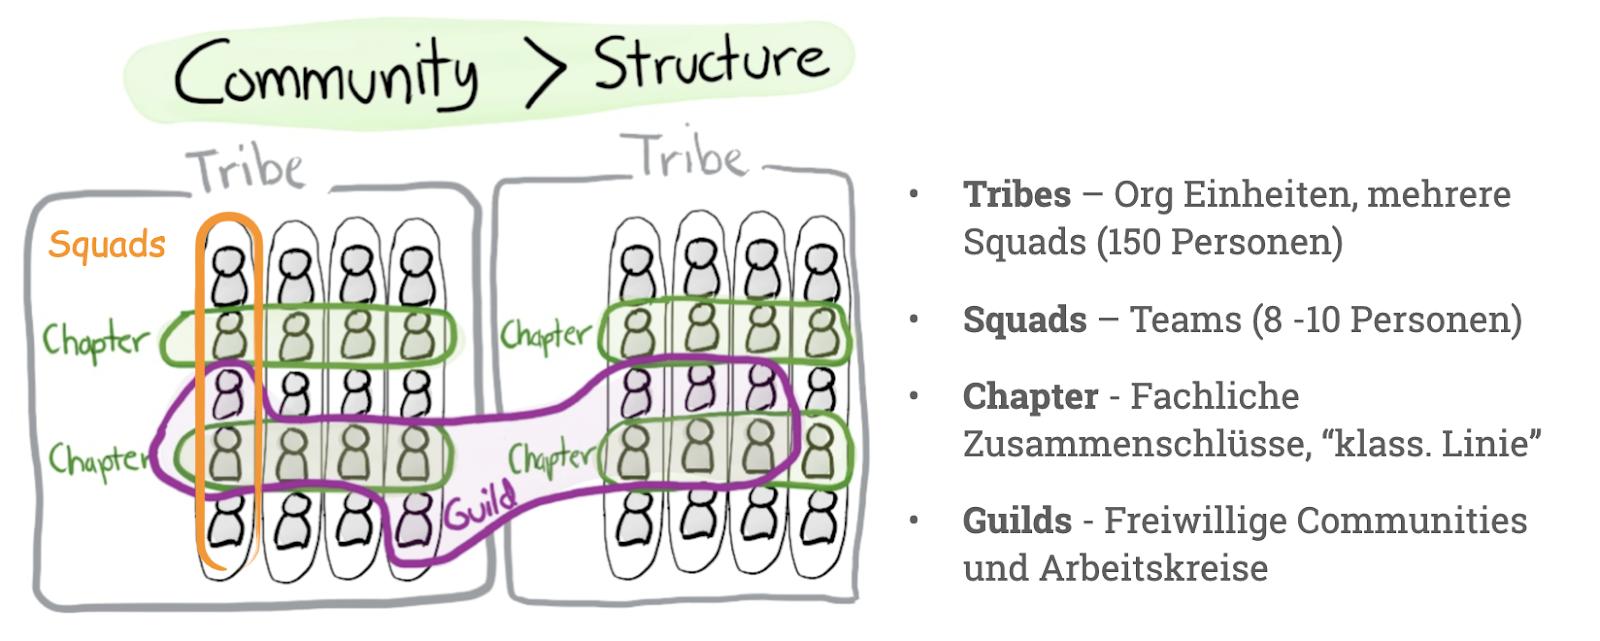 Das Spotify Modell als agile Methode mit der Einteilung in Tribes, Squads, Chapter und Guilds